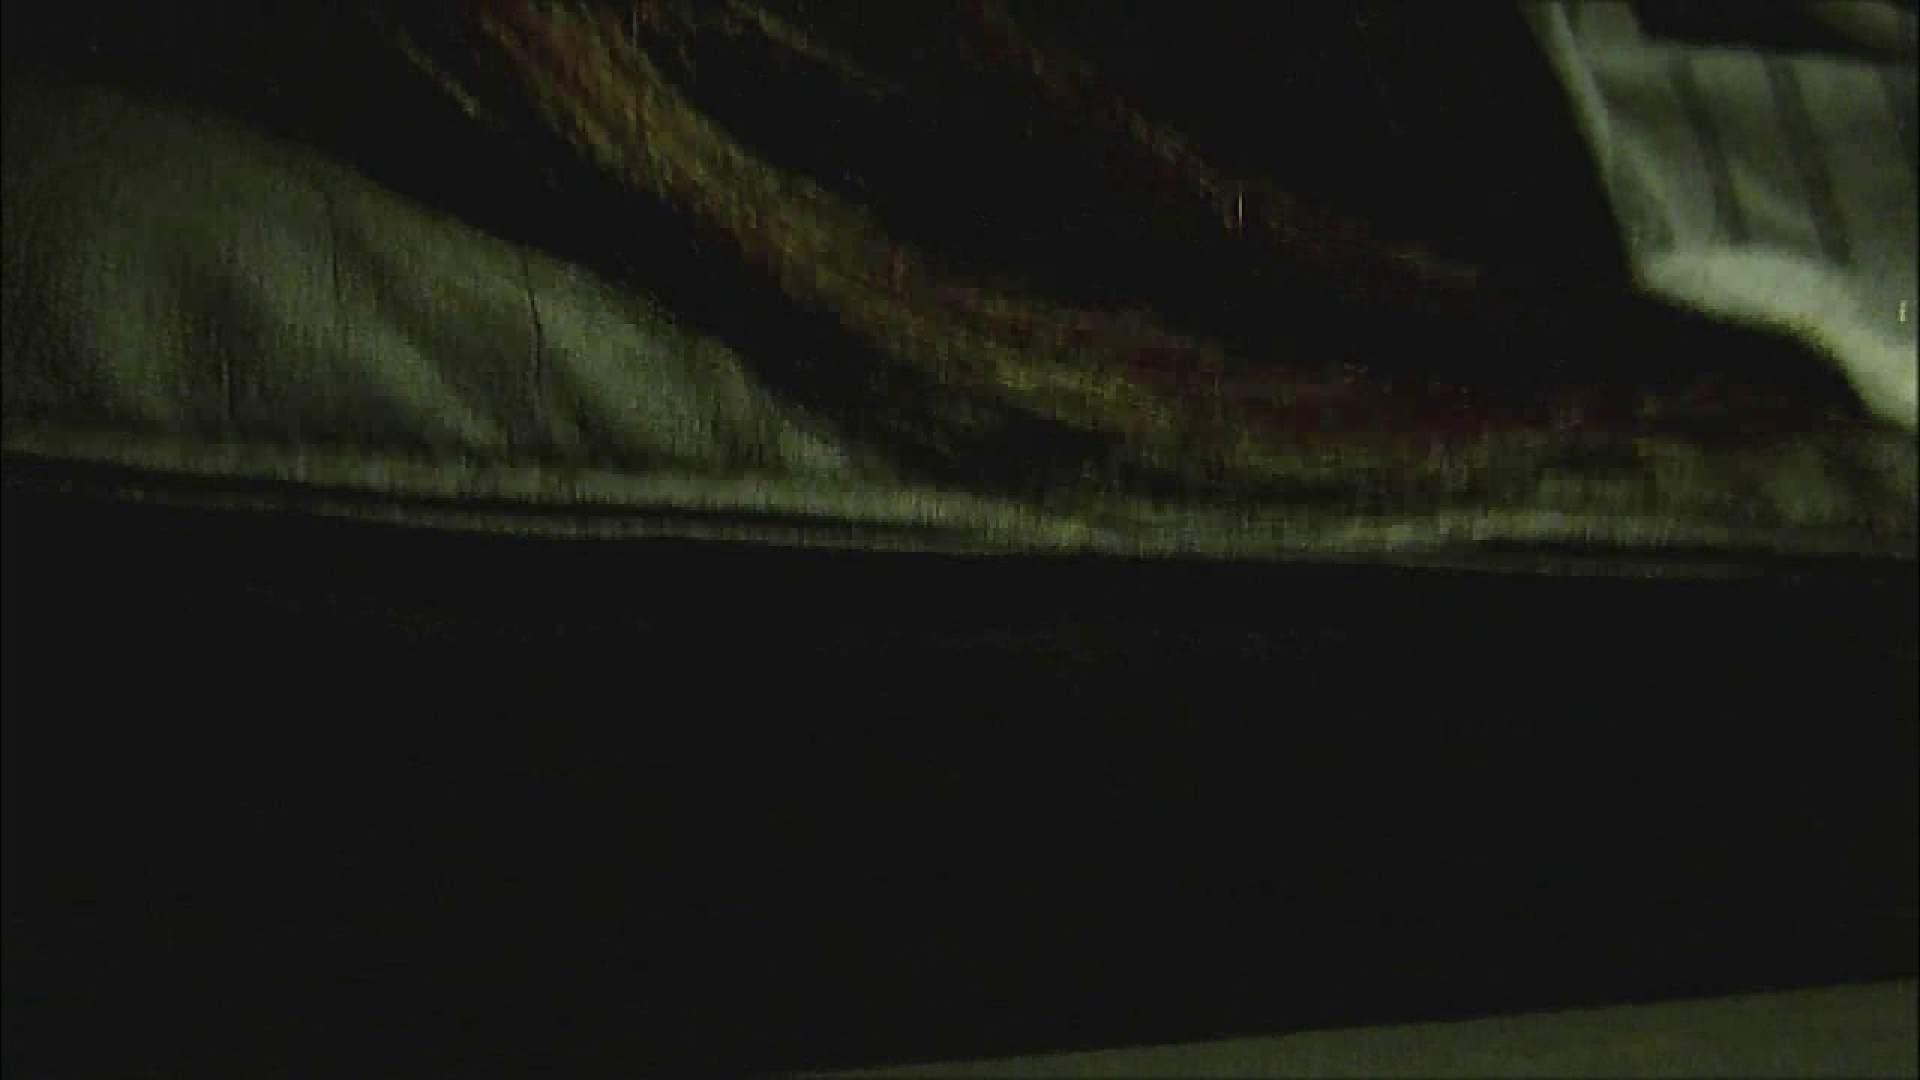 魔術師の お・も・て・な・し vol.01 20歳販売系 ワルノリ   エロティックなOL  61画像 7